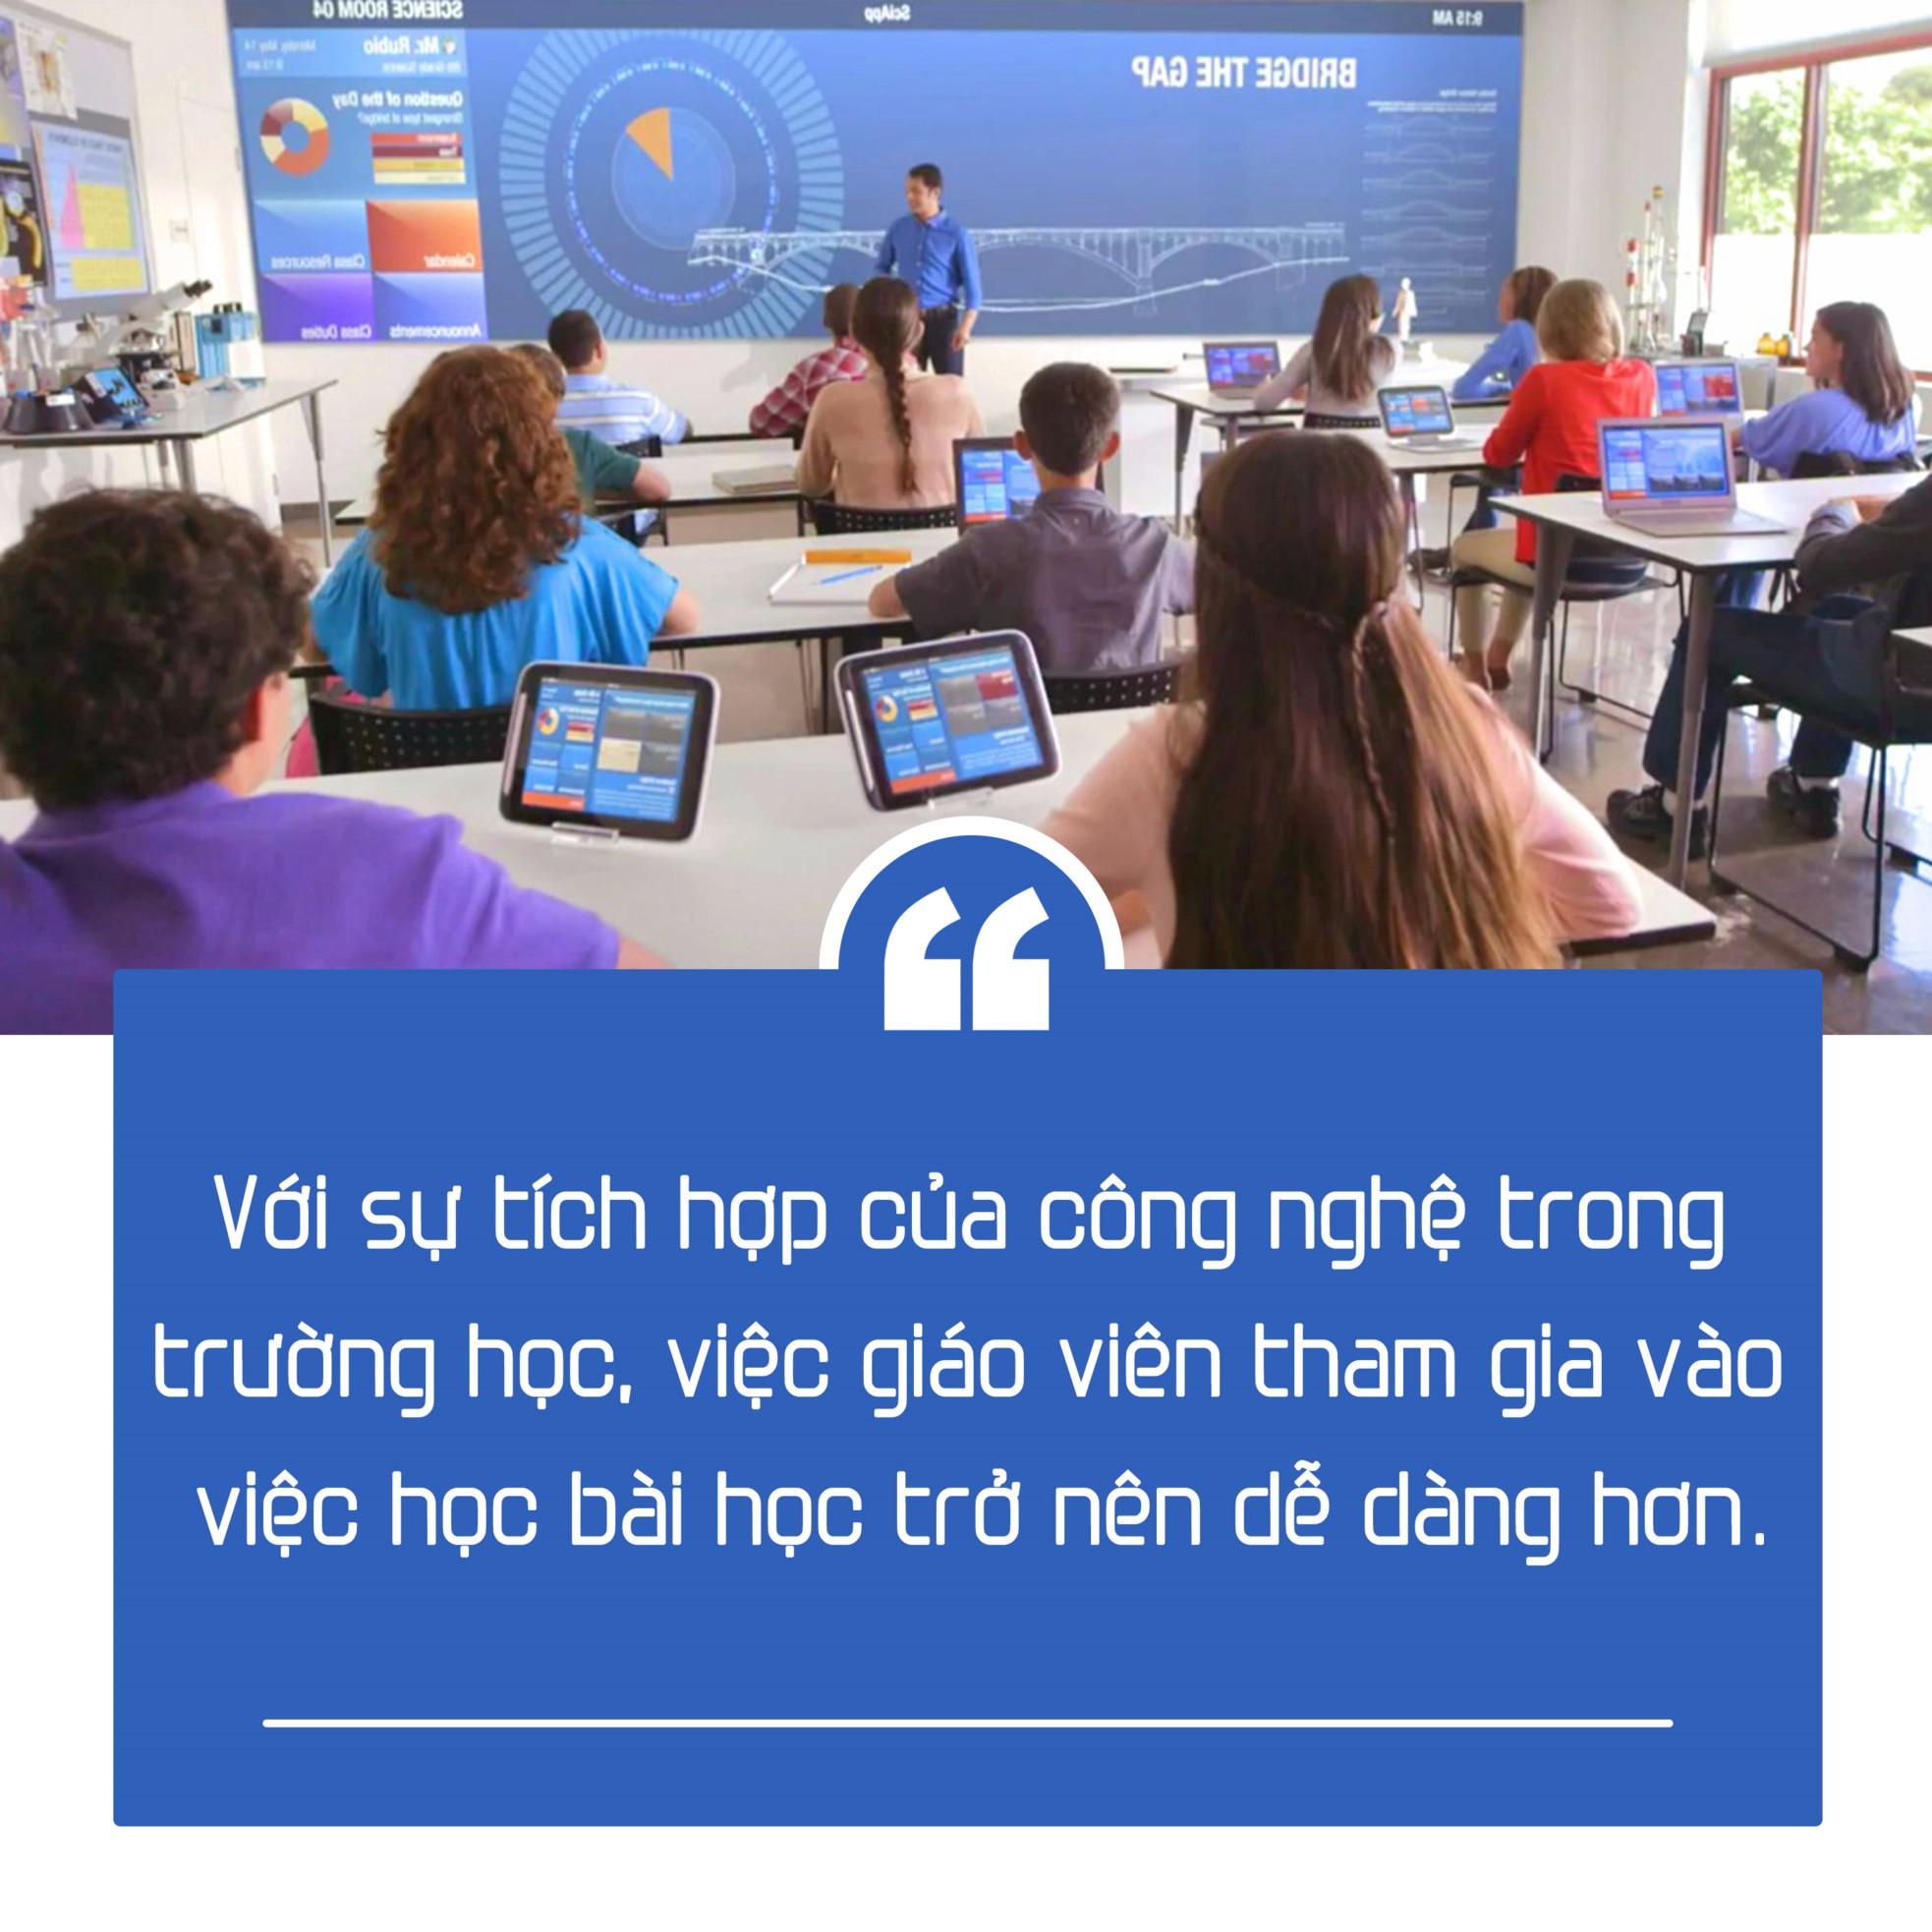 Việc học tập sẽ không còn nhàm chán mà thay vào đó sẽ vô cùng thú vị và có nhiều sự tương tác giữa giáo viên - giáo viên, giáo viên - học sinh và học sinh - học sinh